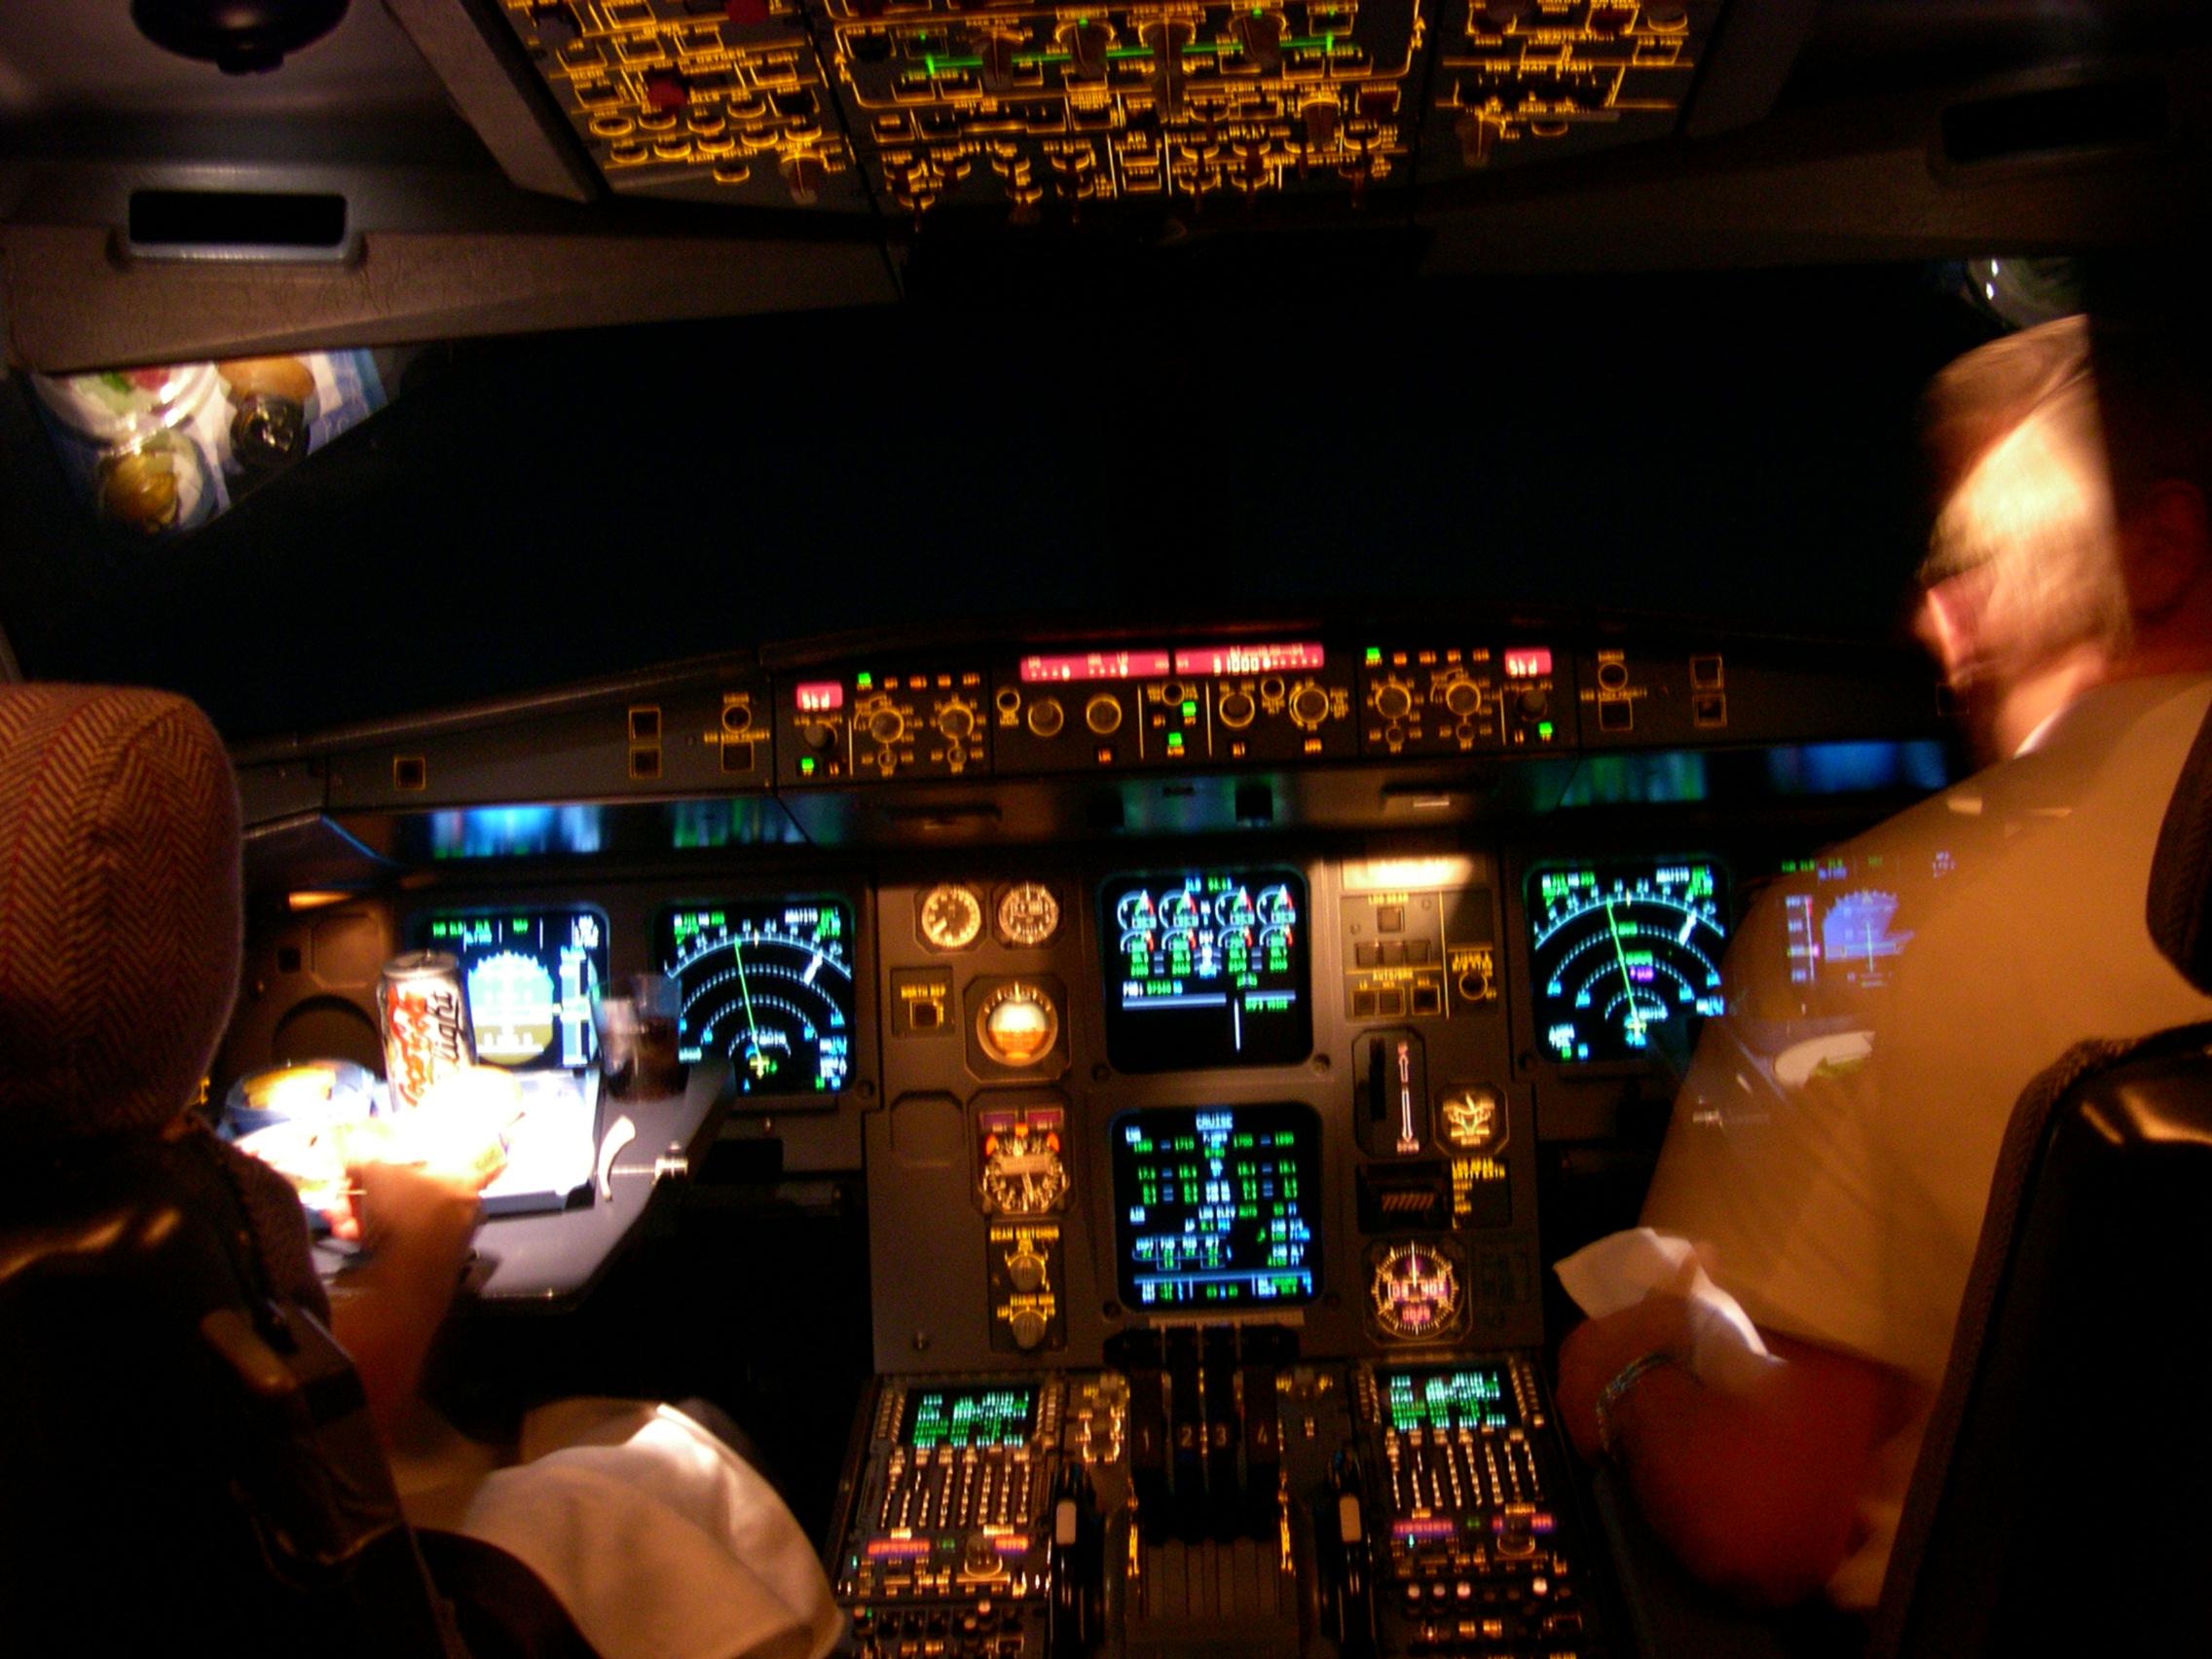 NOTICIAS 33 MIÉRCOLES 20 DE MAYO...  Un pirata aéreo asegura tomó control de un avión en pleno vuelo.